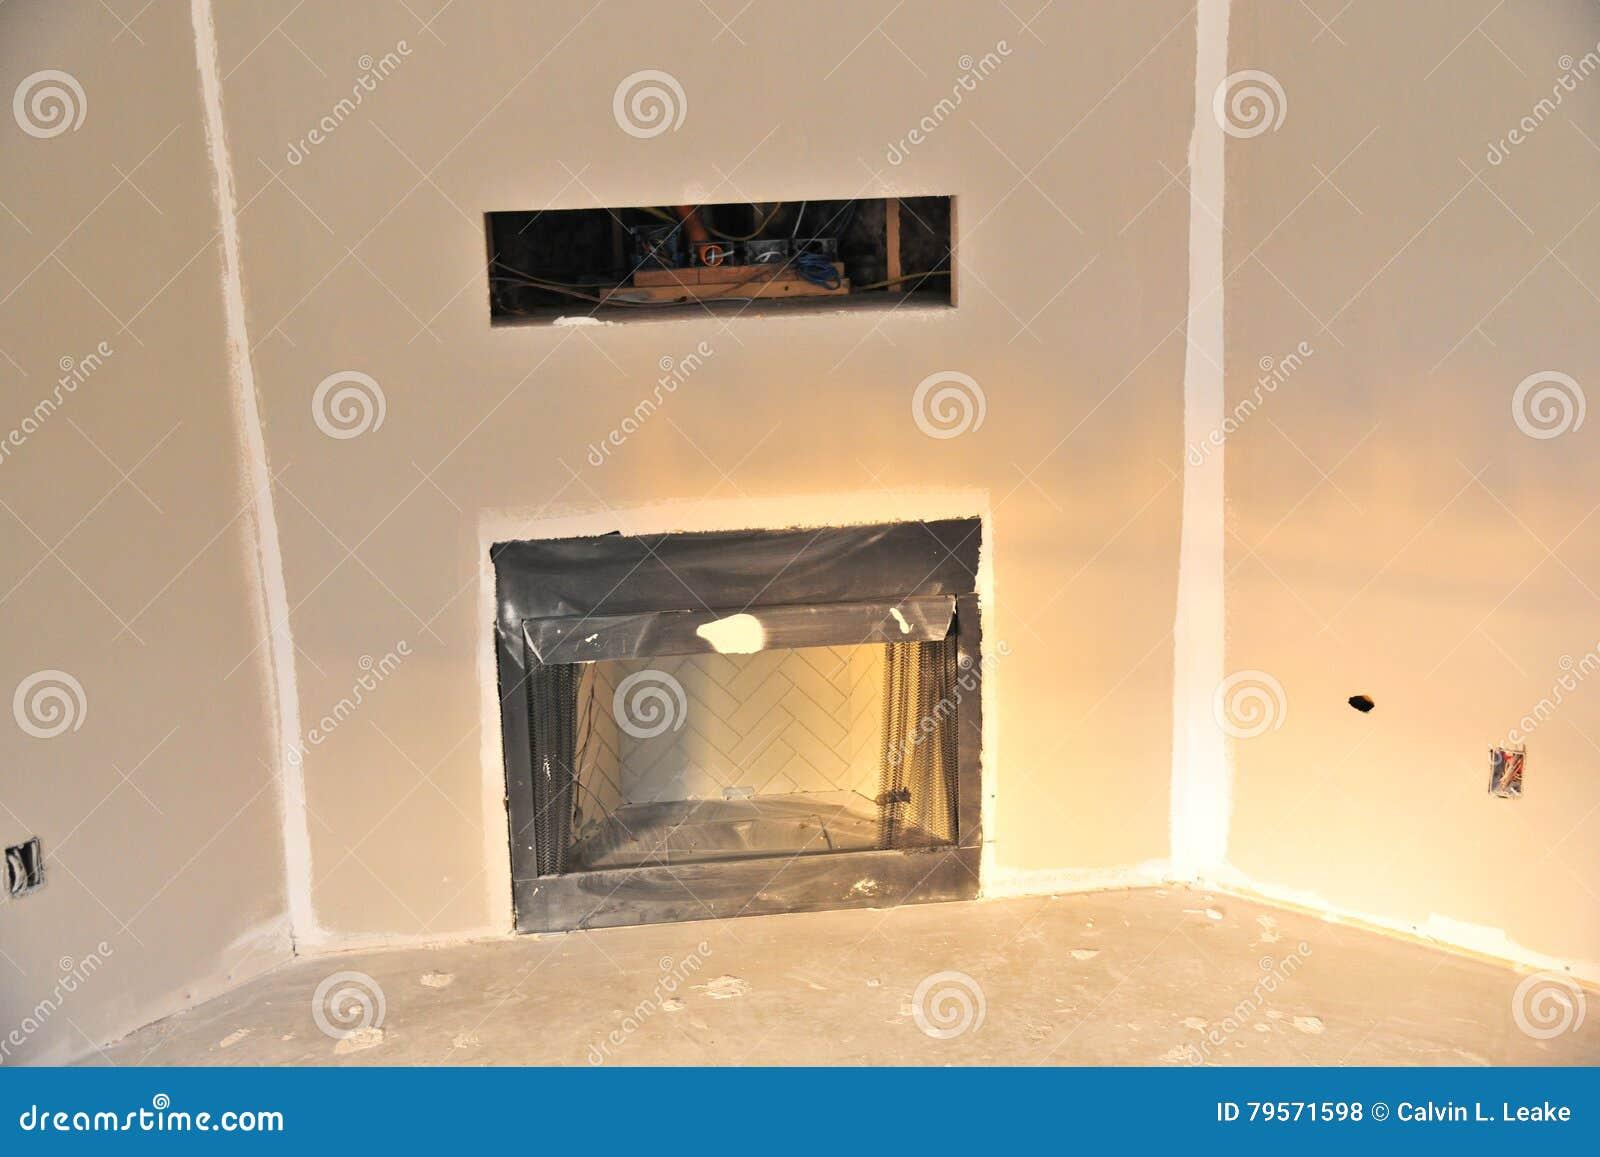 Televisi n en conducto de la pared sobre la chimenea foto - Cocinar en la chimenea ...